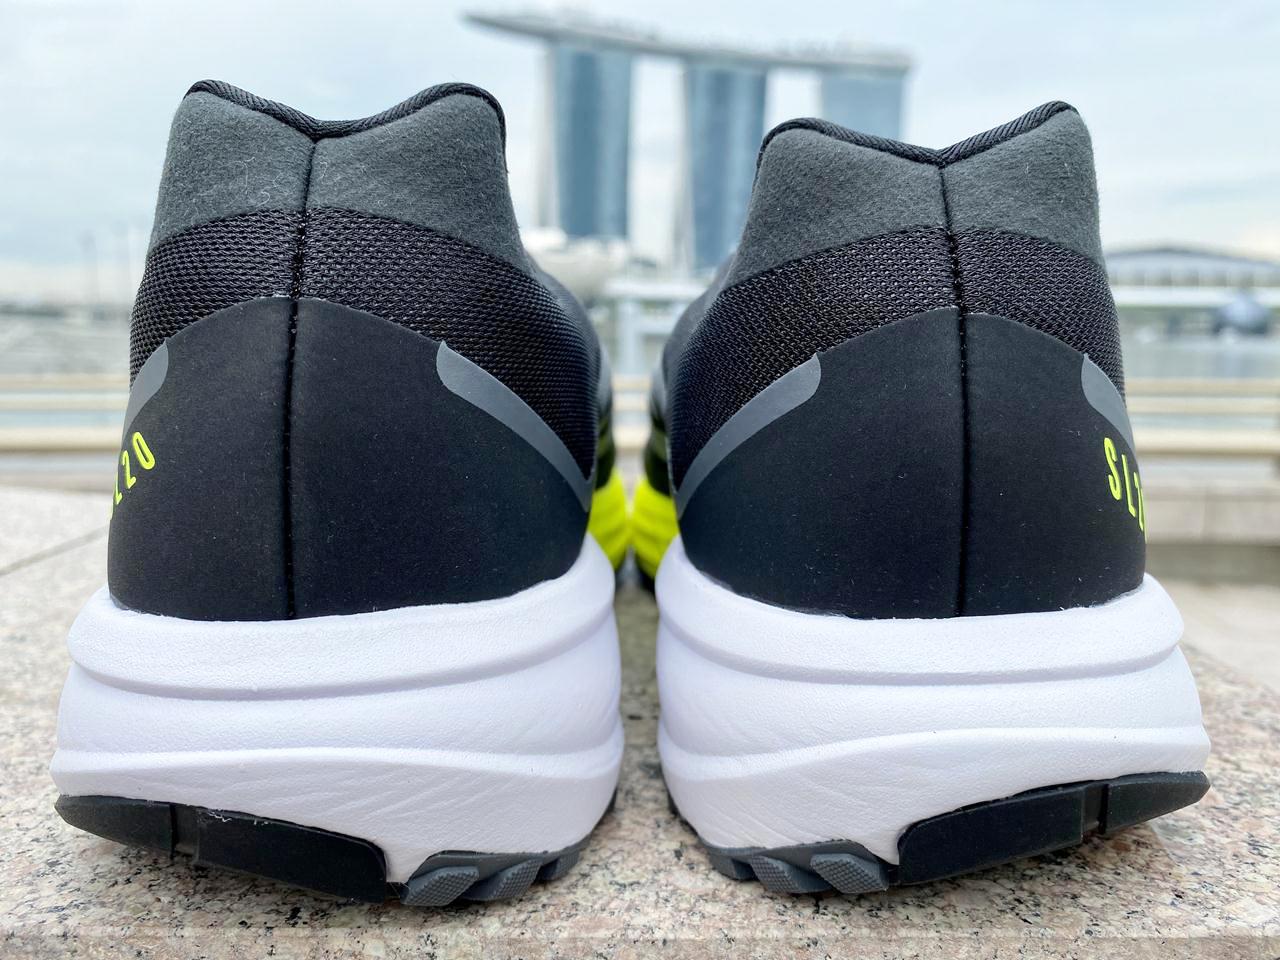 Adidas SL20.2 - Heel